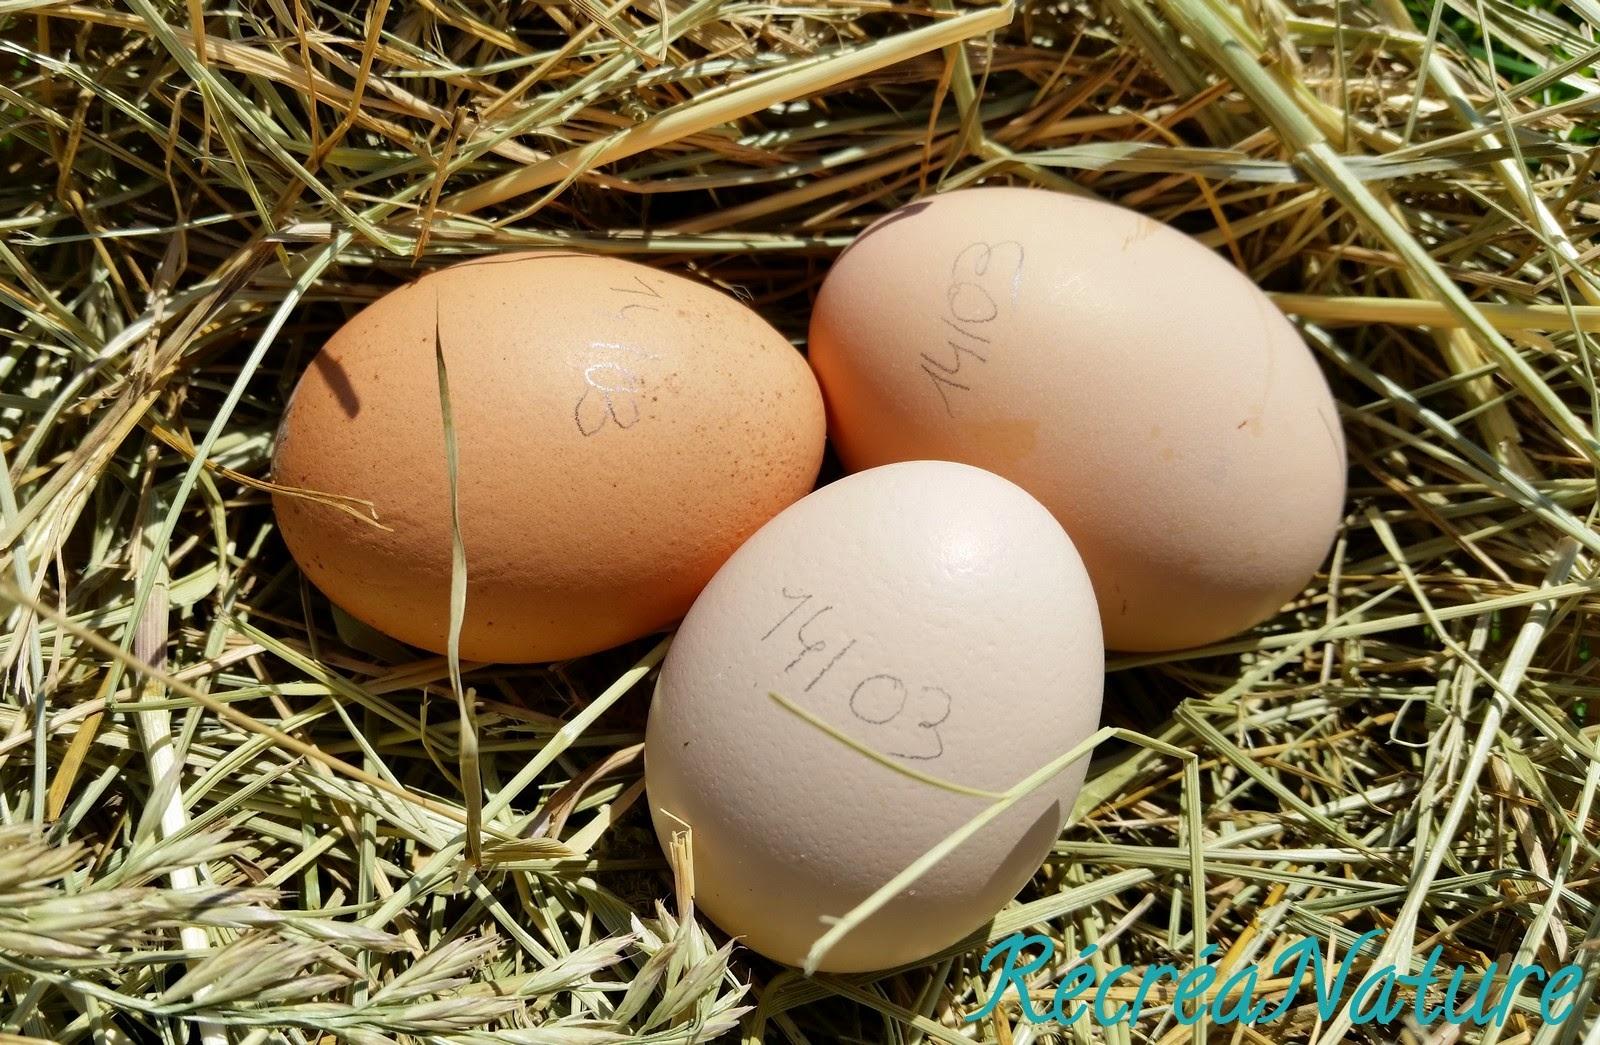 Mettre Des Poules Dans Son Jardin une nouvelle poule dans notre jardin : vive les oeufs bio